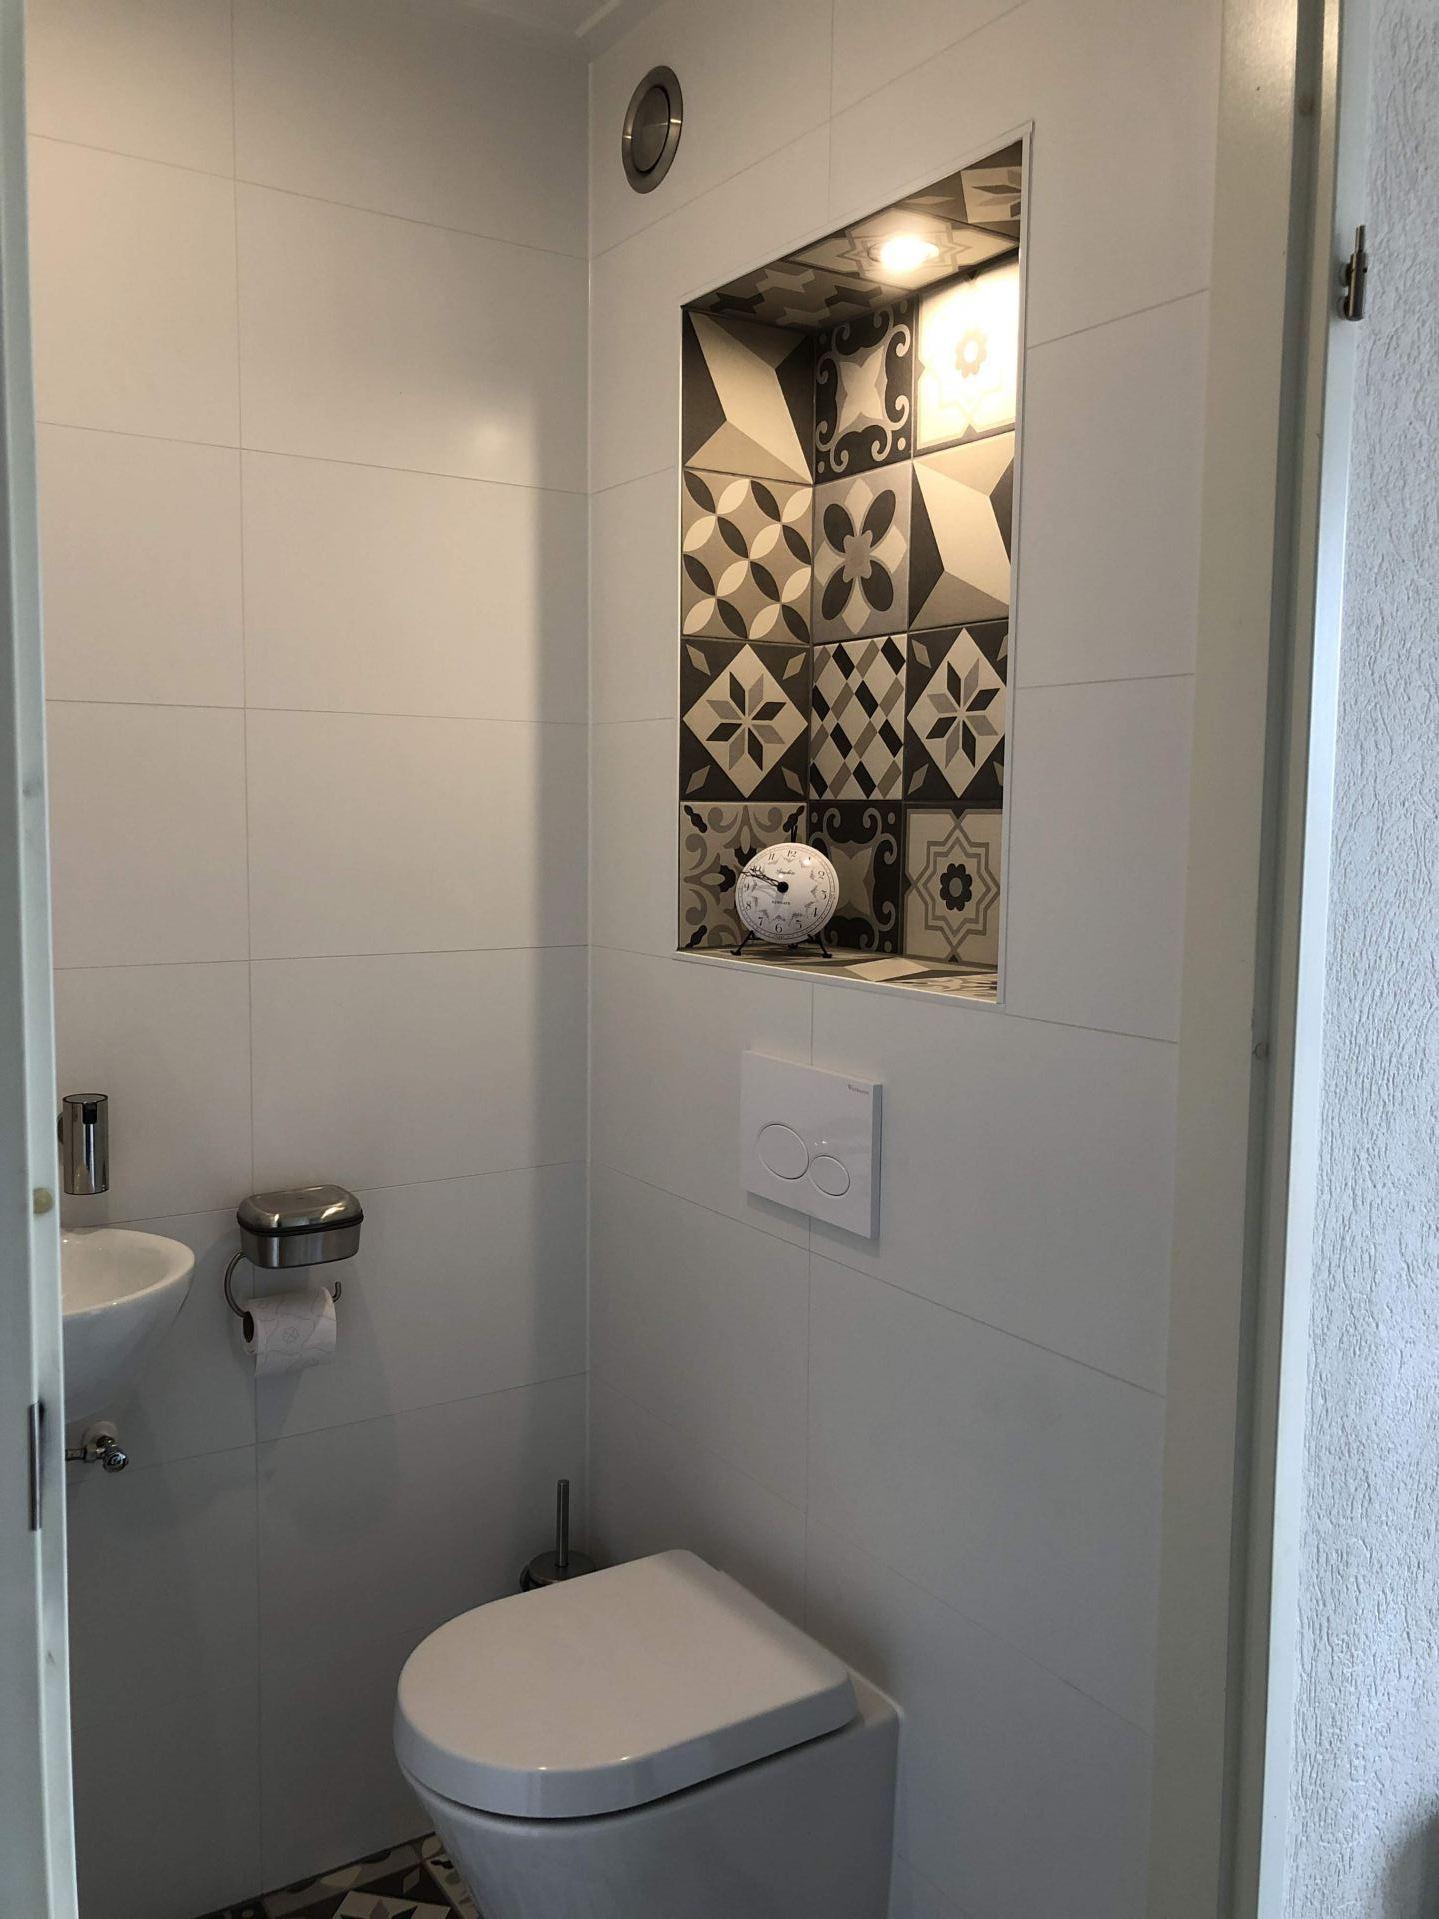 Woning Renovatie Almere Badkamer Toilet Keuken Laminaat Vloeren Schilderwerk De Klussenier John Van Gammeren